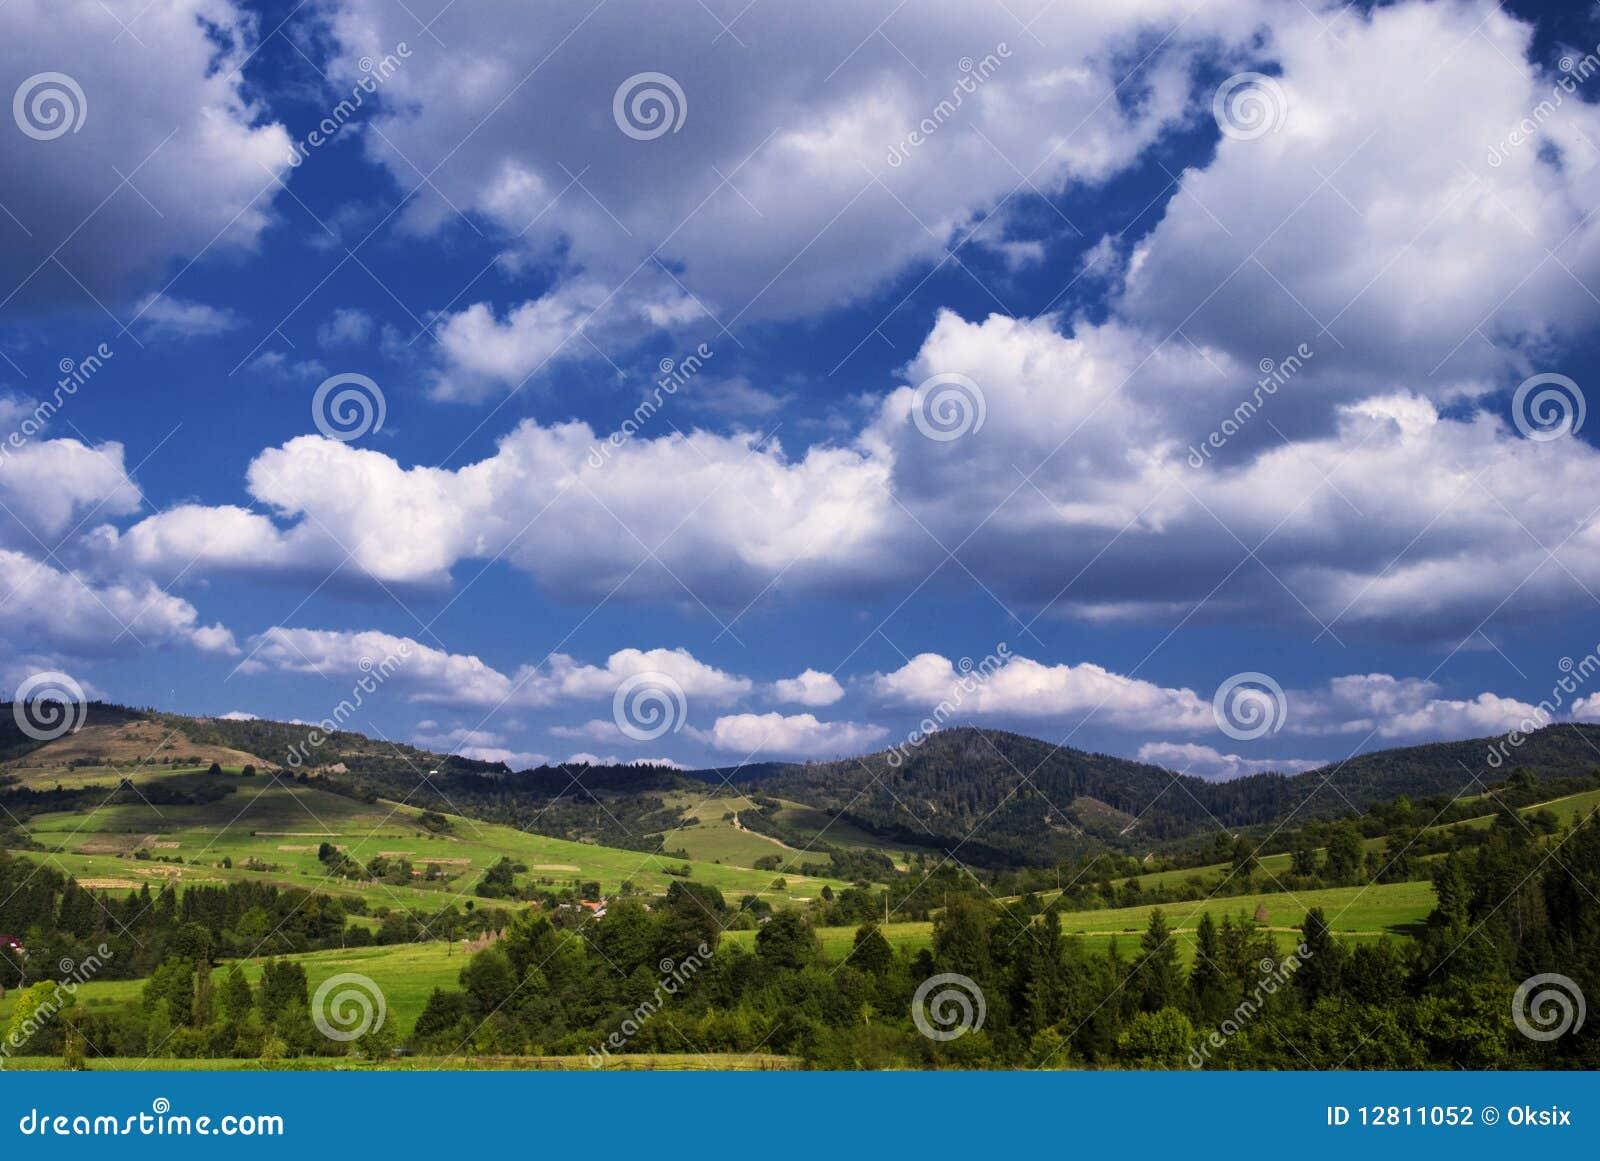 Paisagem rural das montanhas